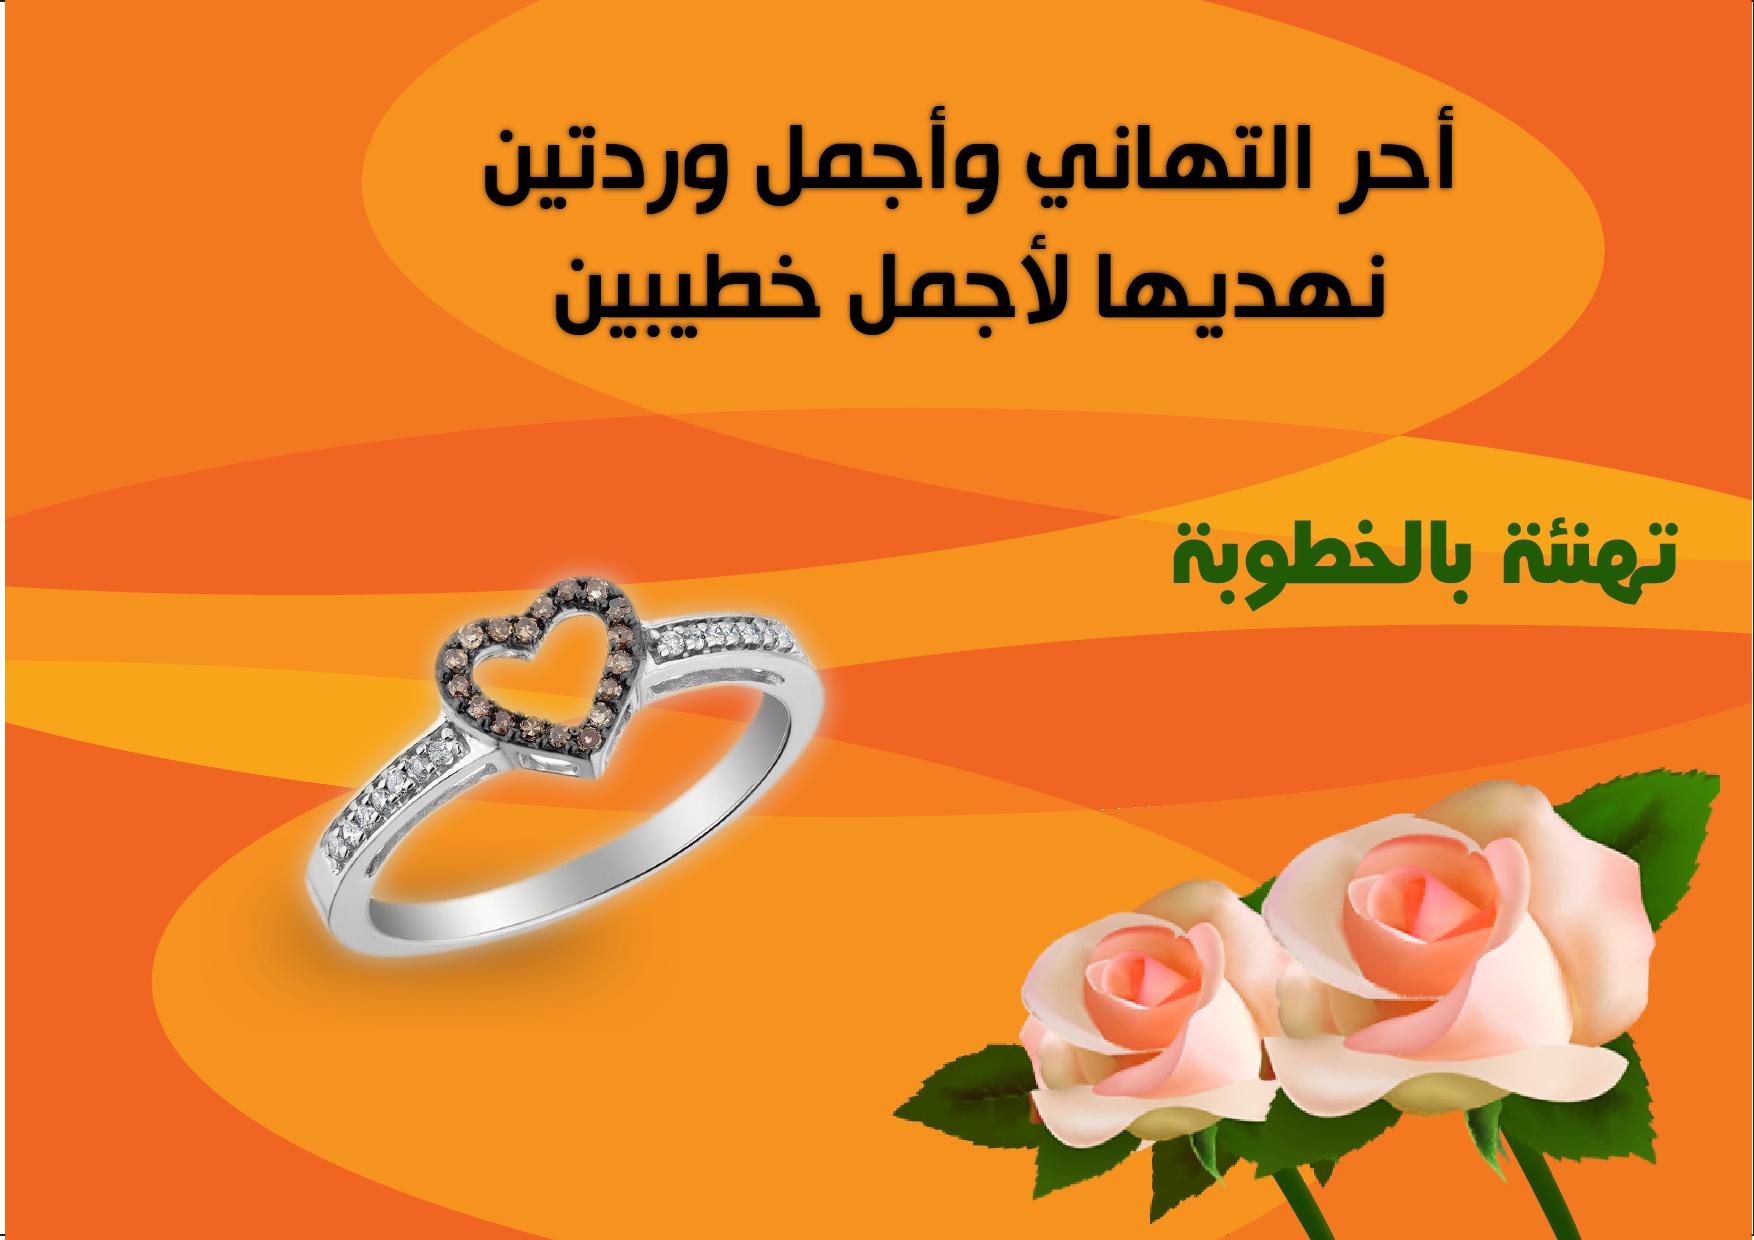 بالصور عبارات تهنئة للعروس من صديقتها , احلي تهنئه للعروس من افضل الصديقات 3263